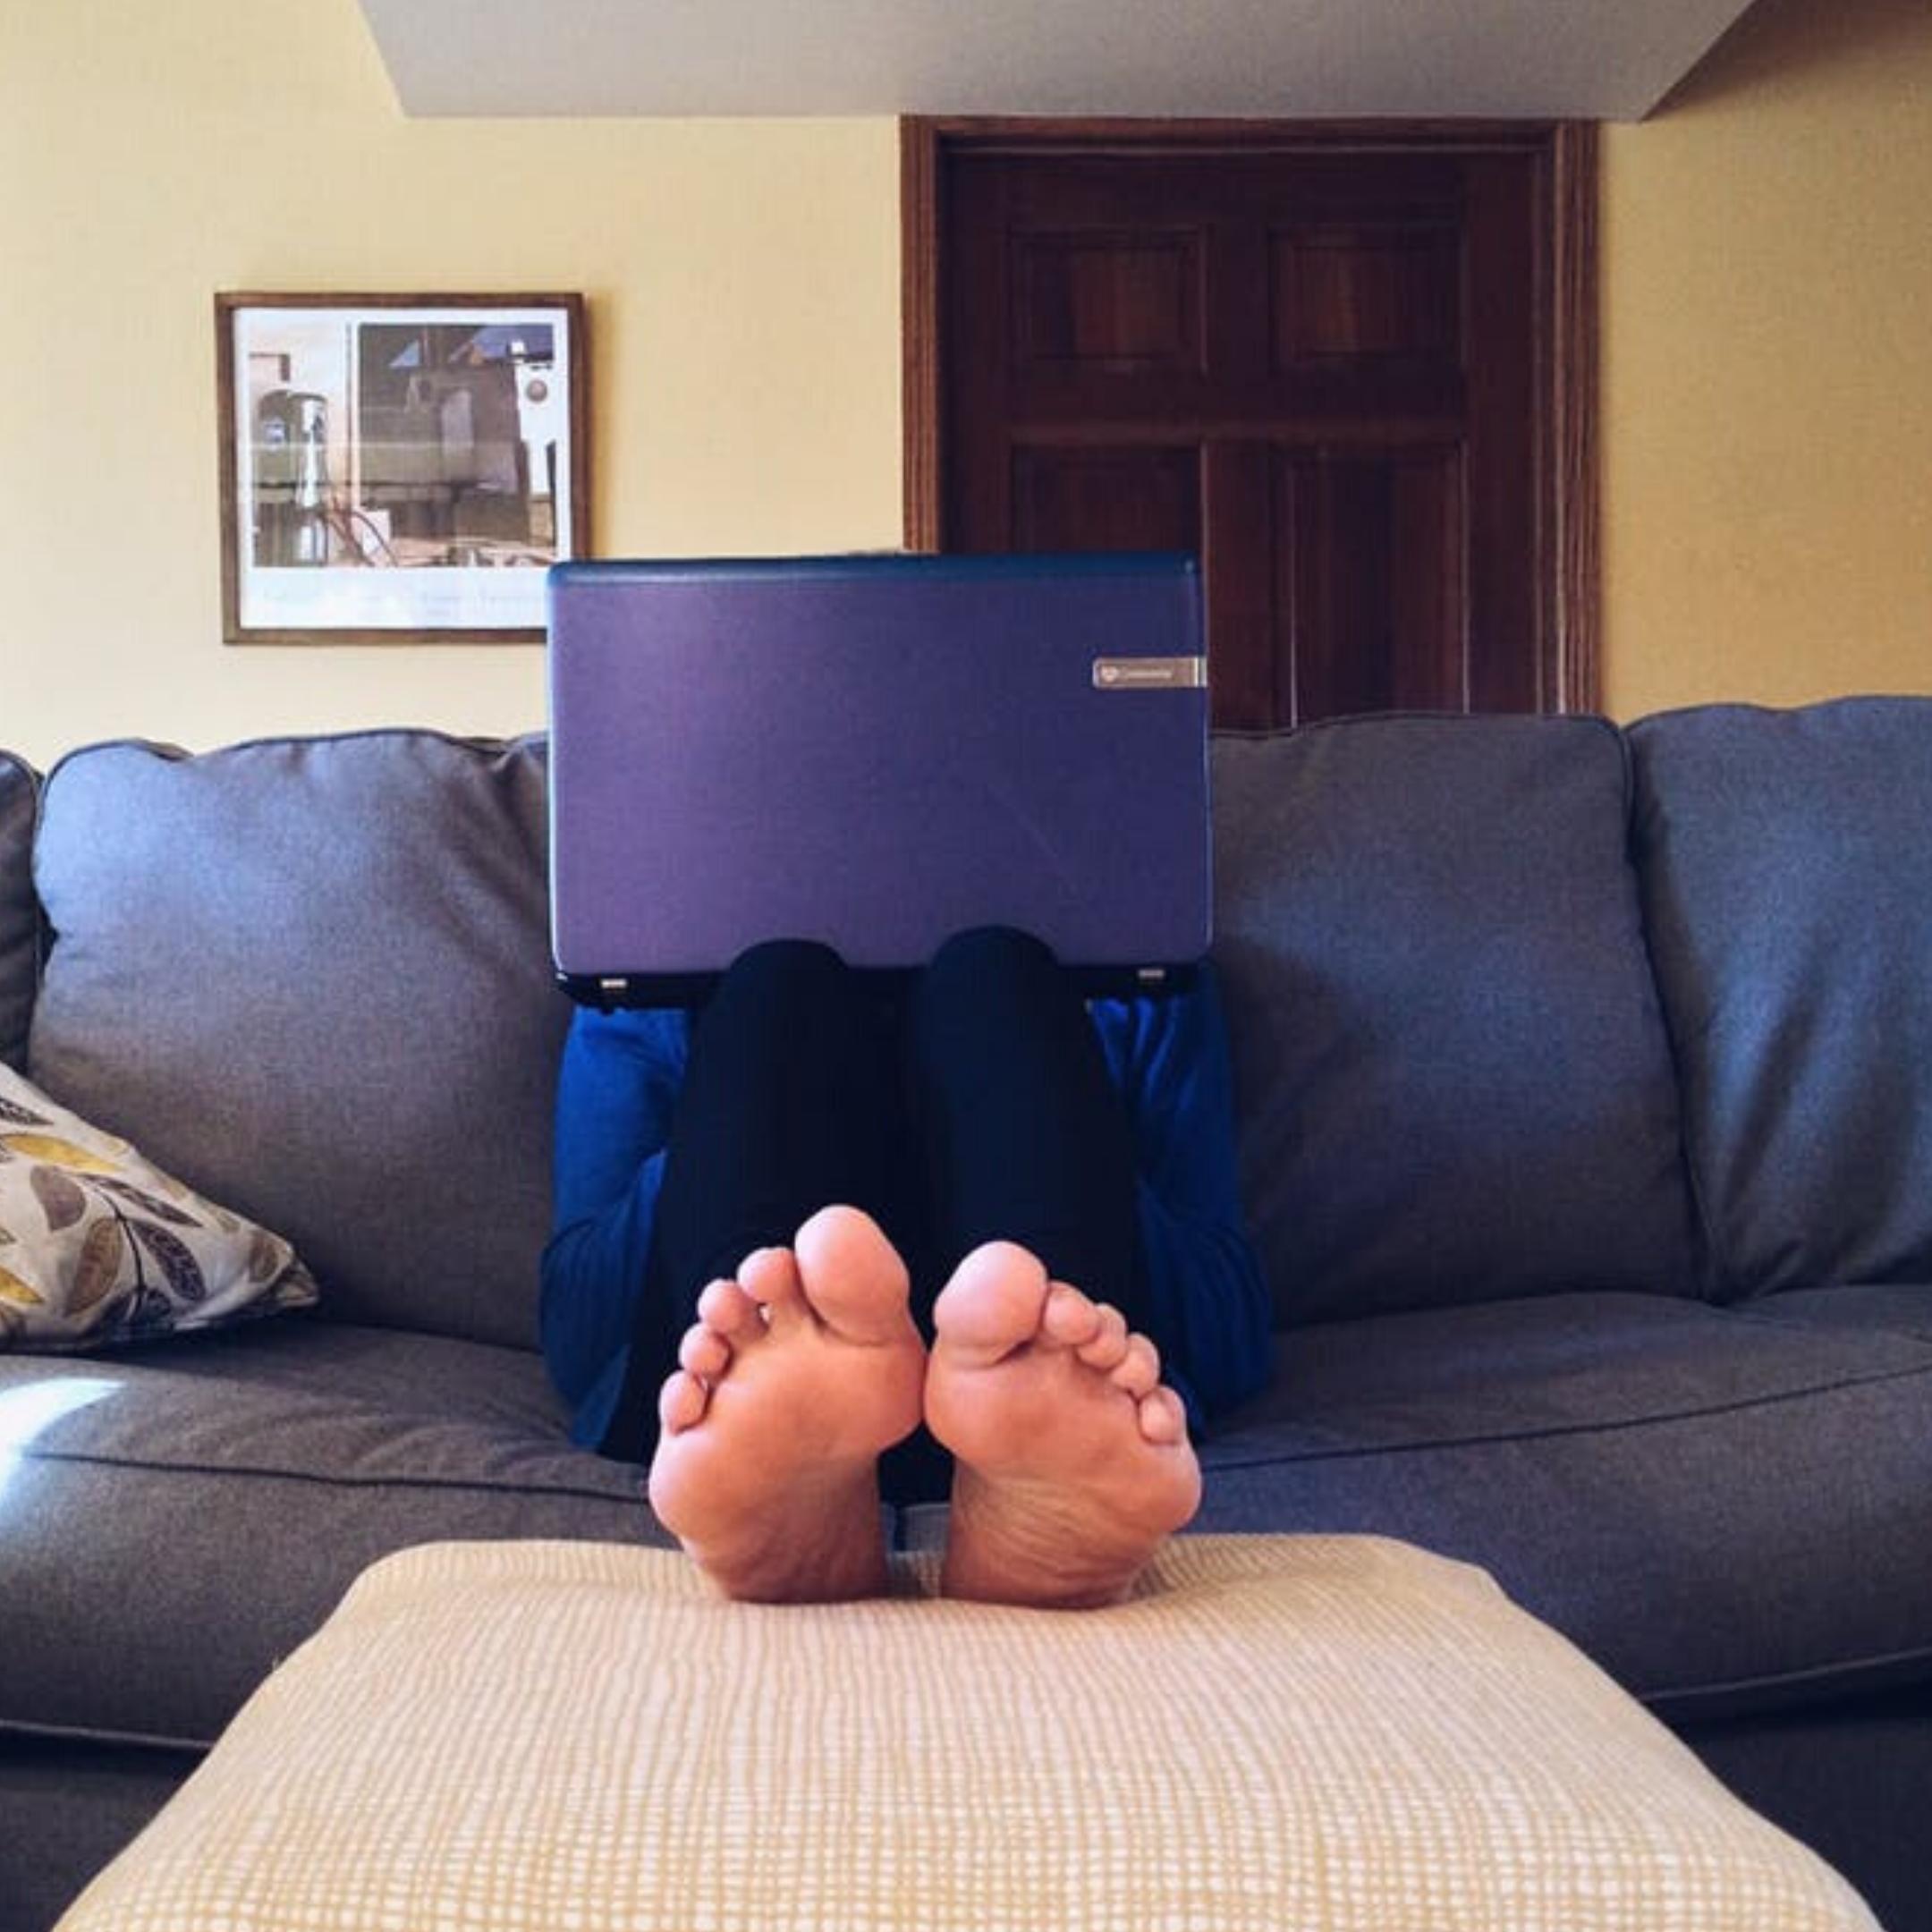 Sofa Activities